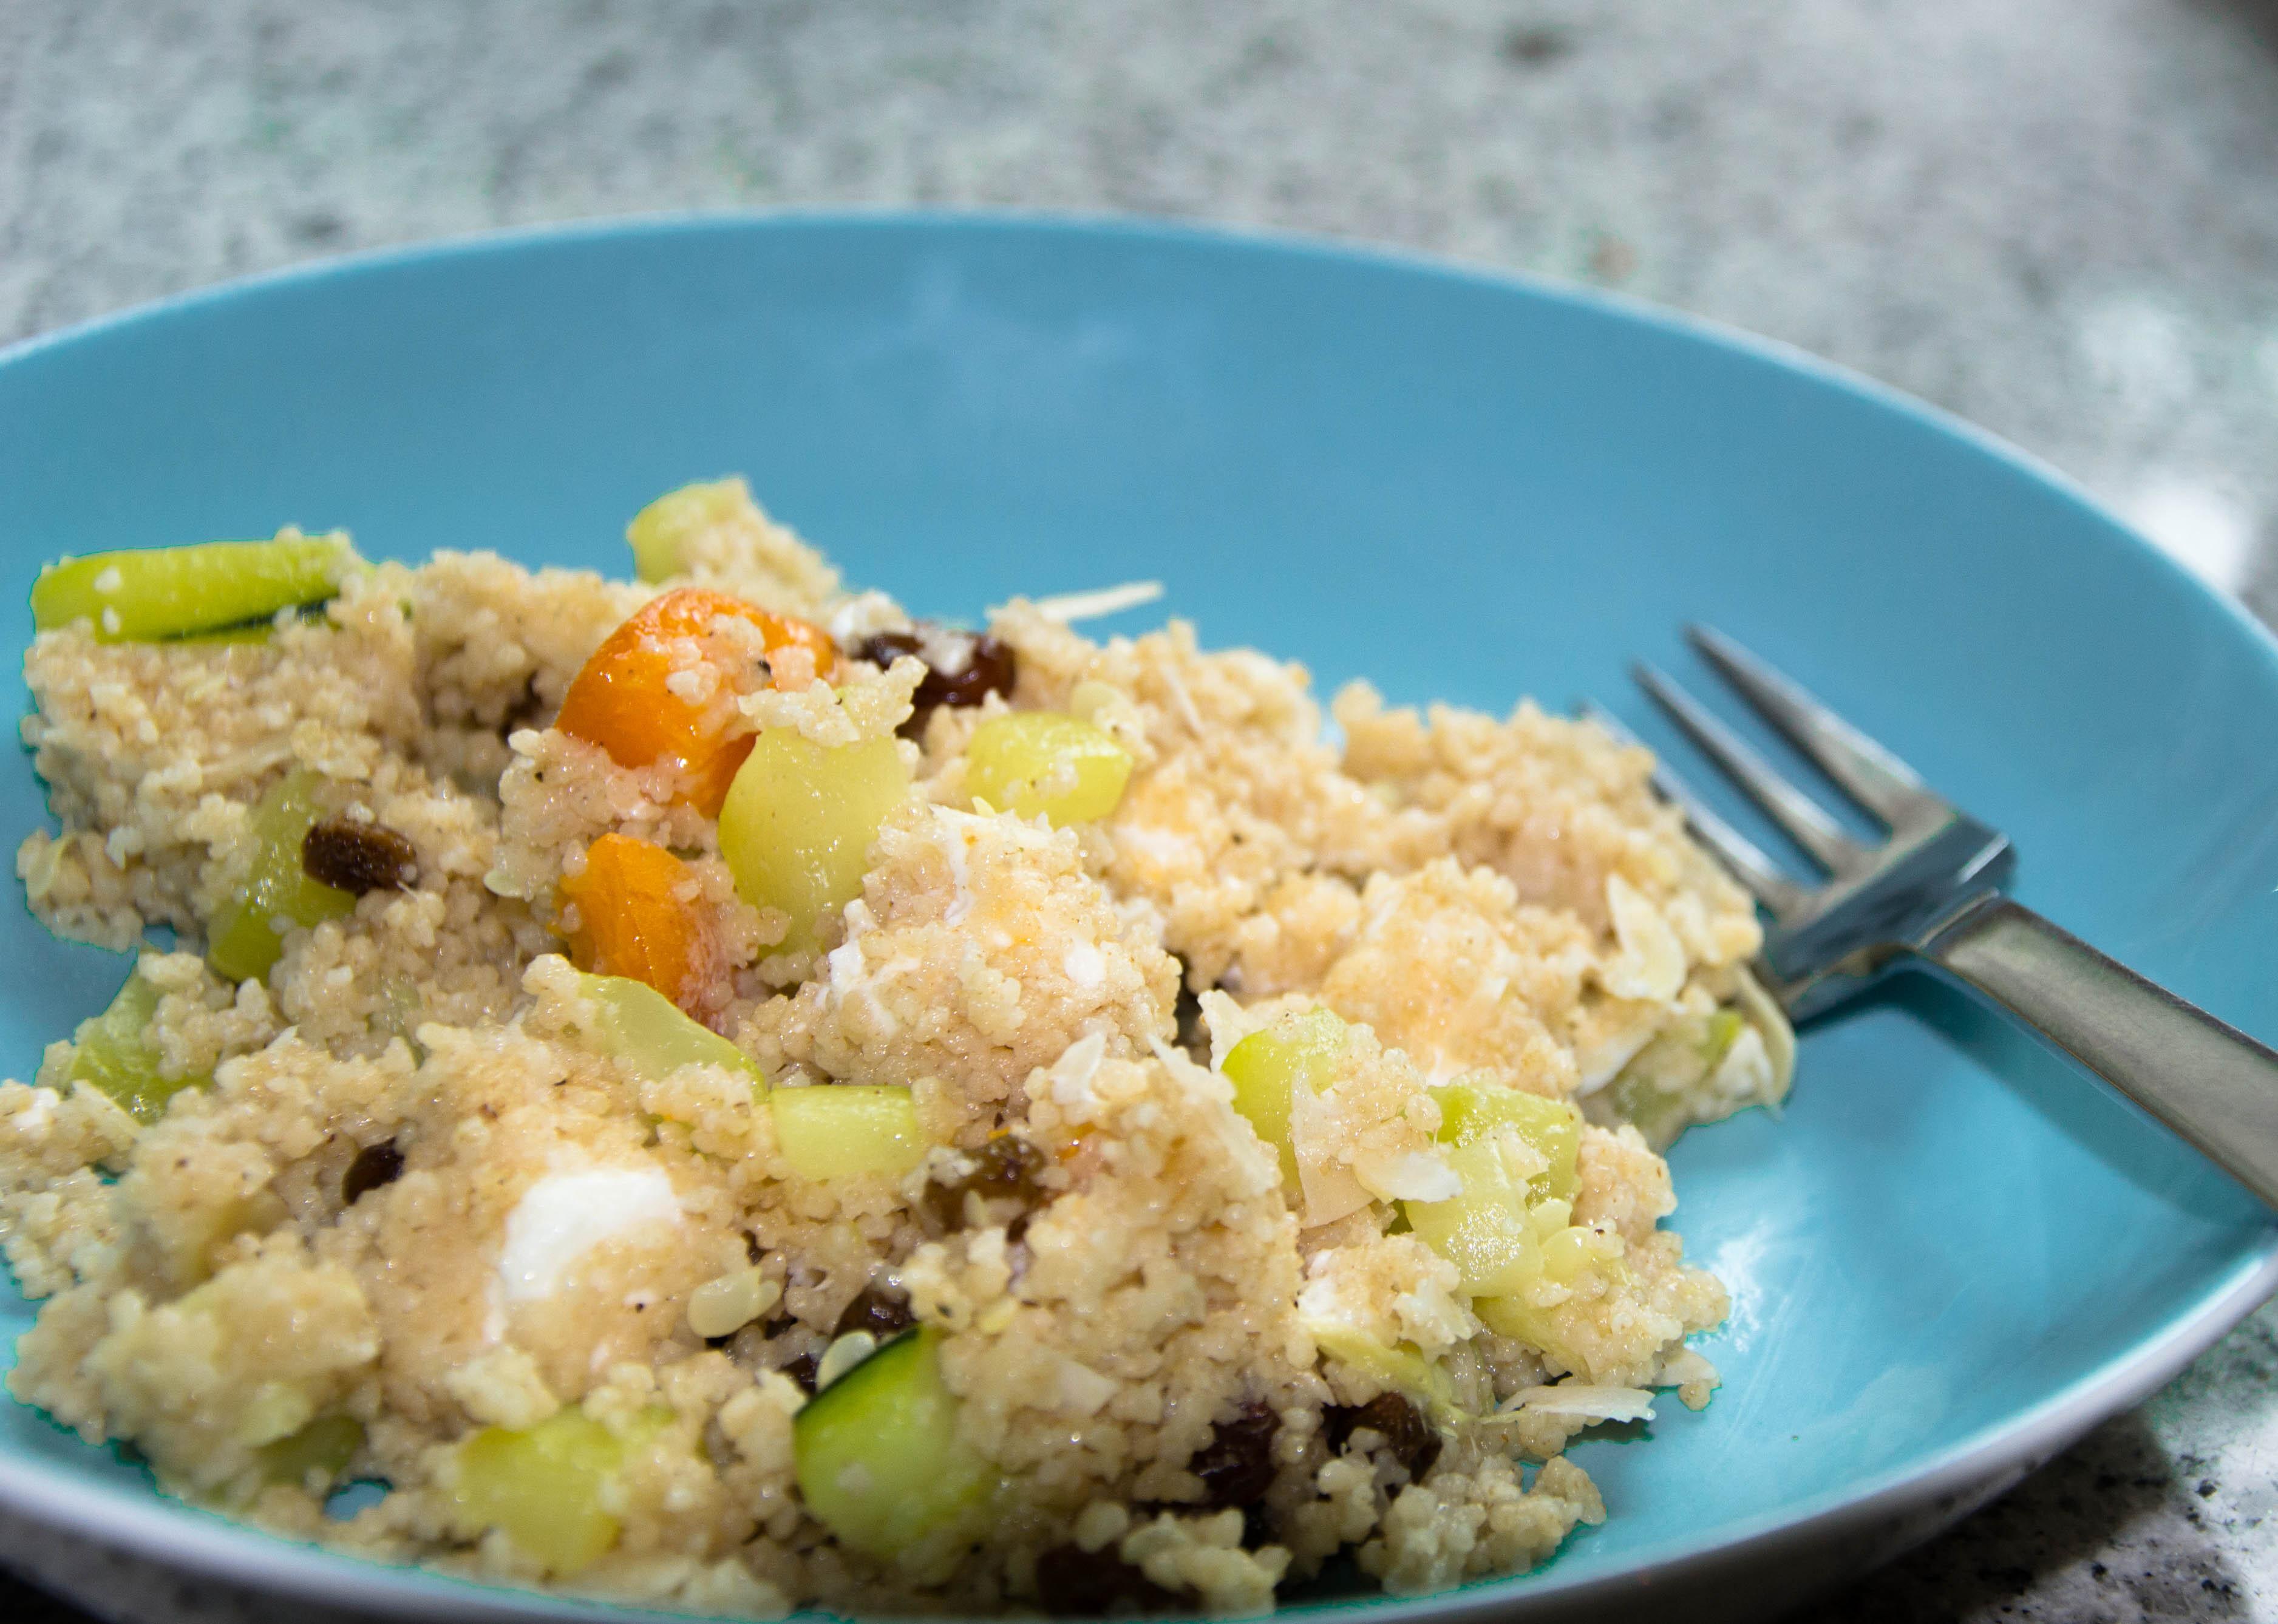 Orientalische Couscous-Pfanne I Oriental Couscous Stir-Fry